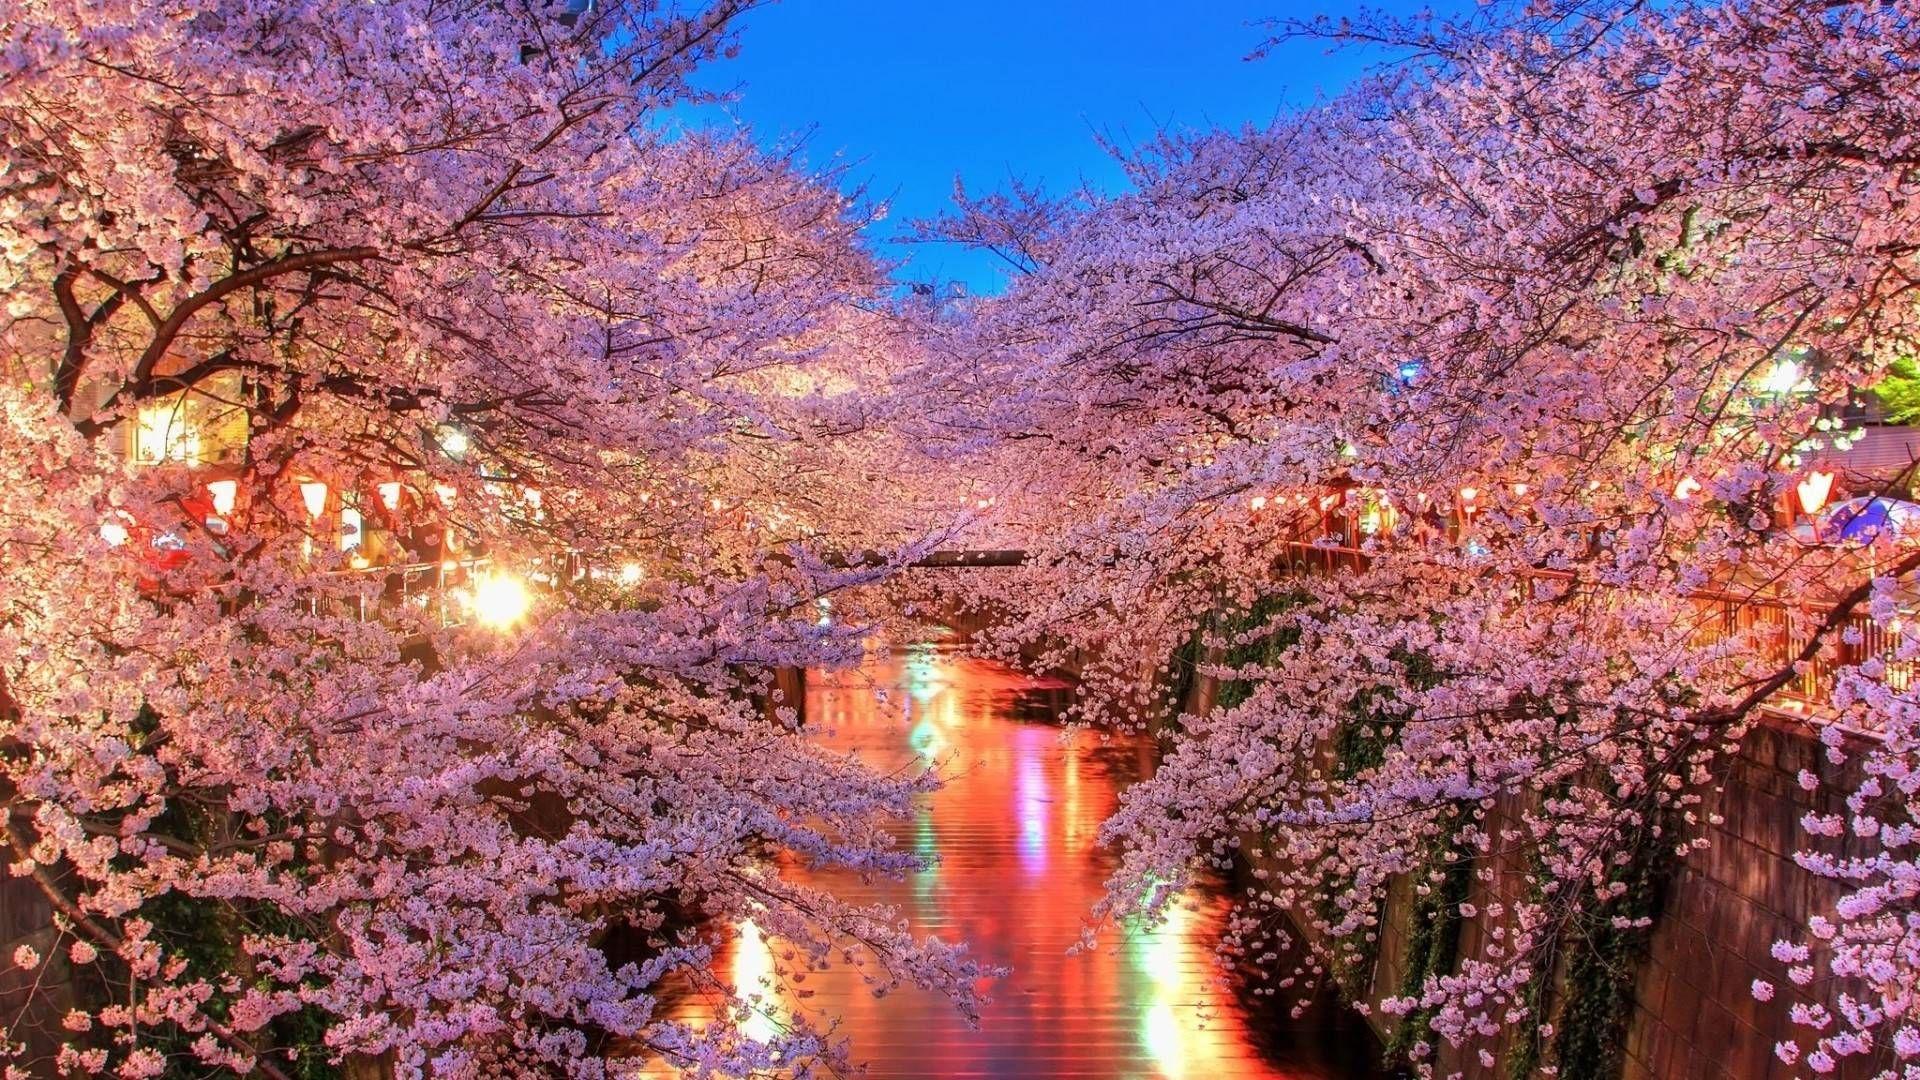 Cherry Blossoms Fleur De Cerisier Japonais Fleur De Cerisier Arbre Fleuri